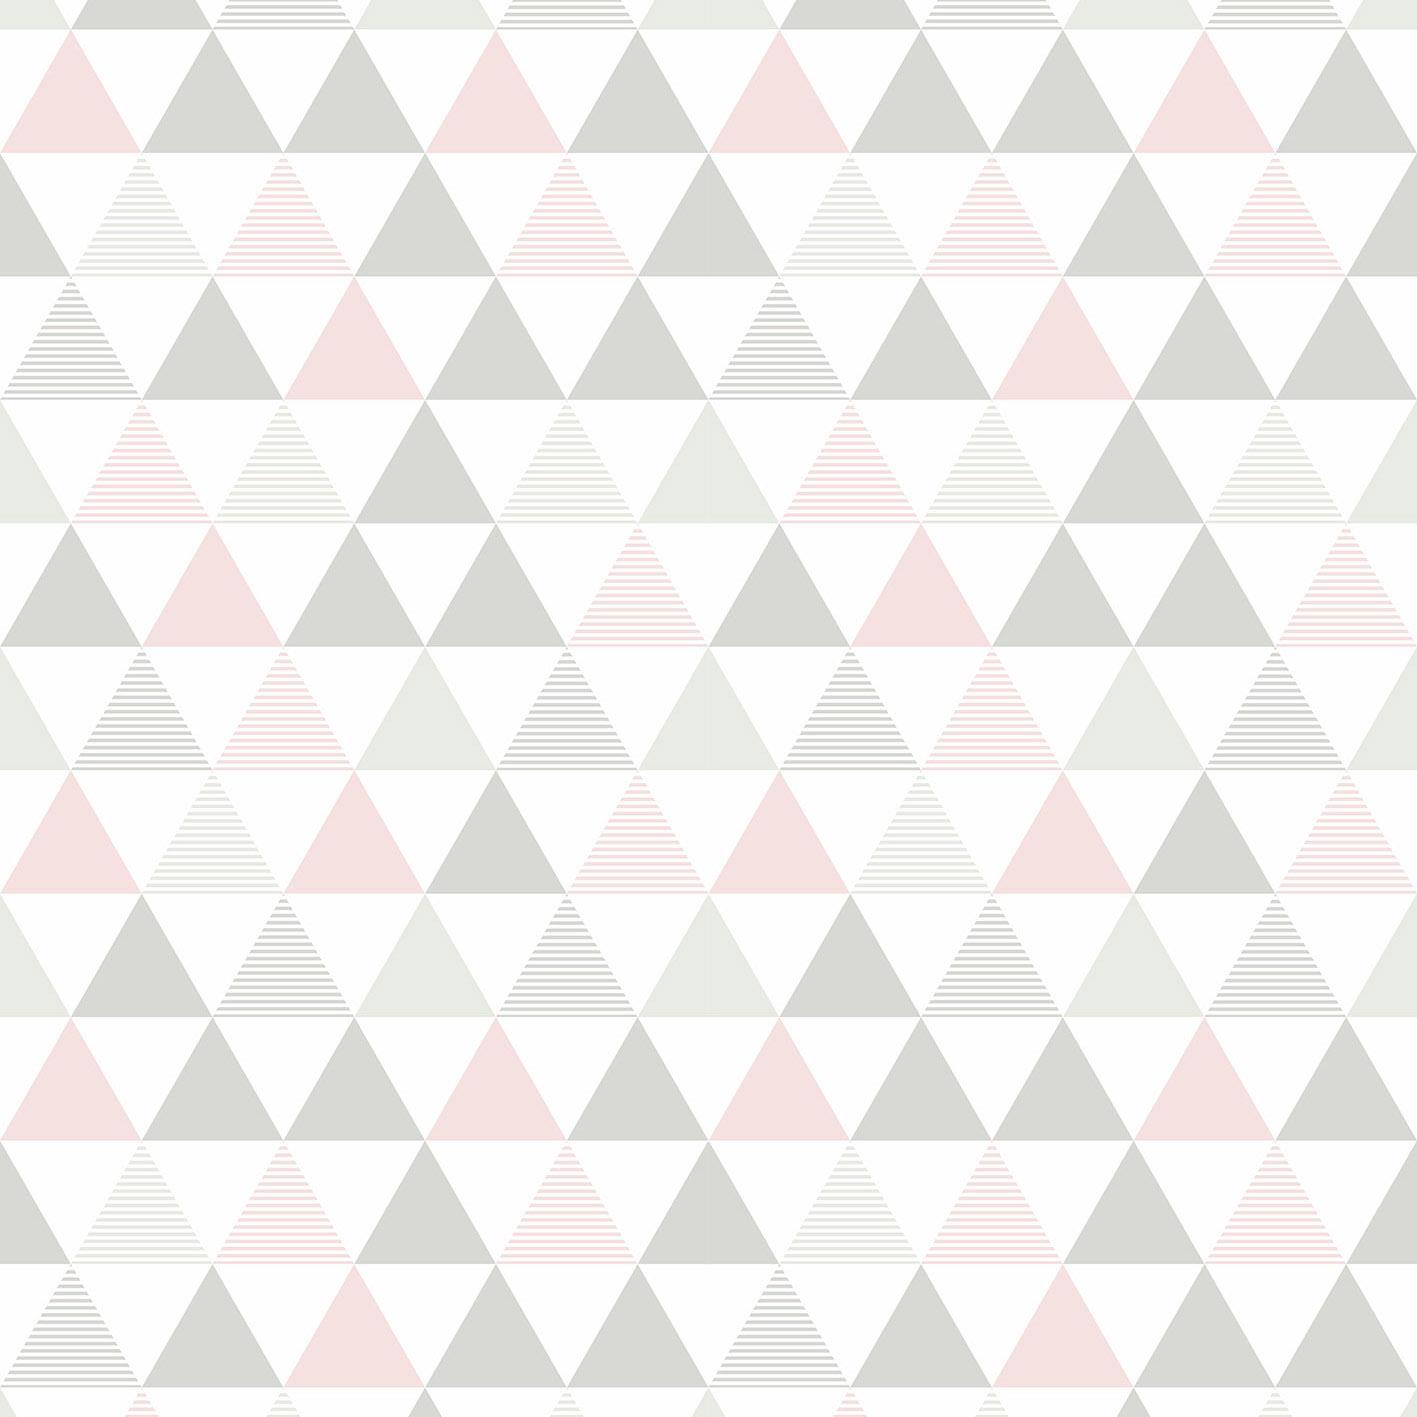 Papel de parede triângulos